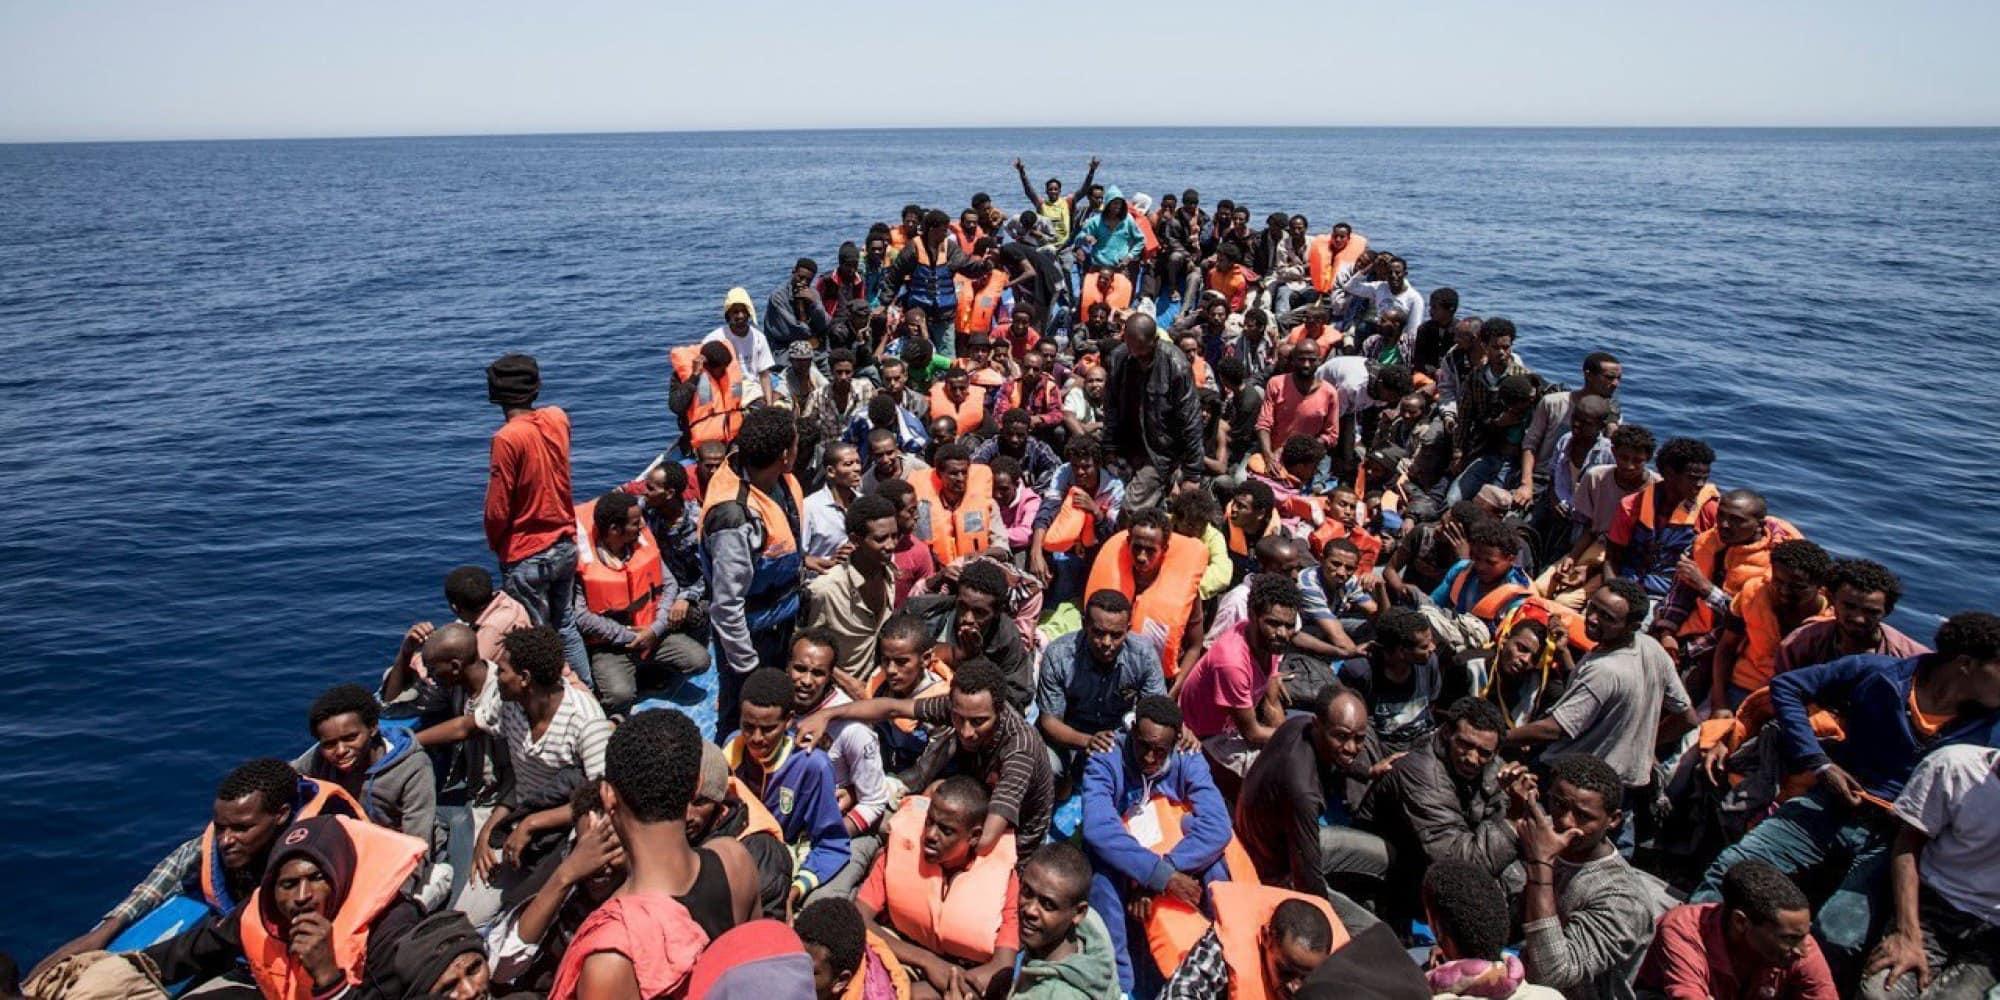 Il piano di Macron per far crollare la Libia. A lui il petrolio, a noi i profughi